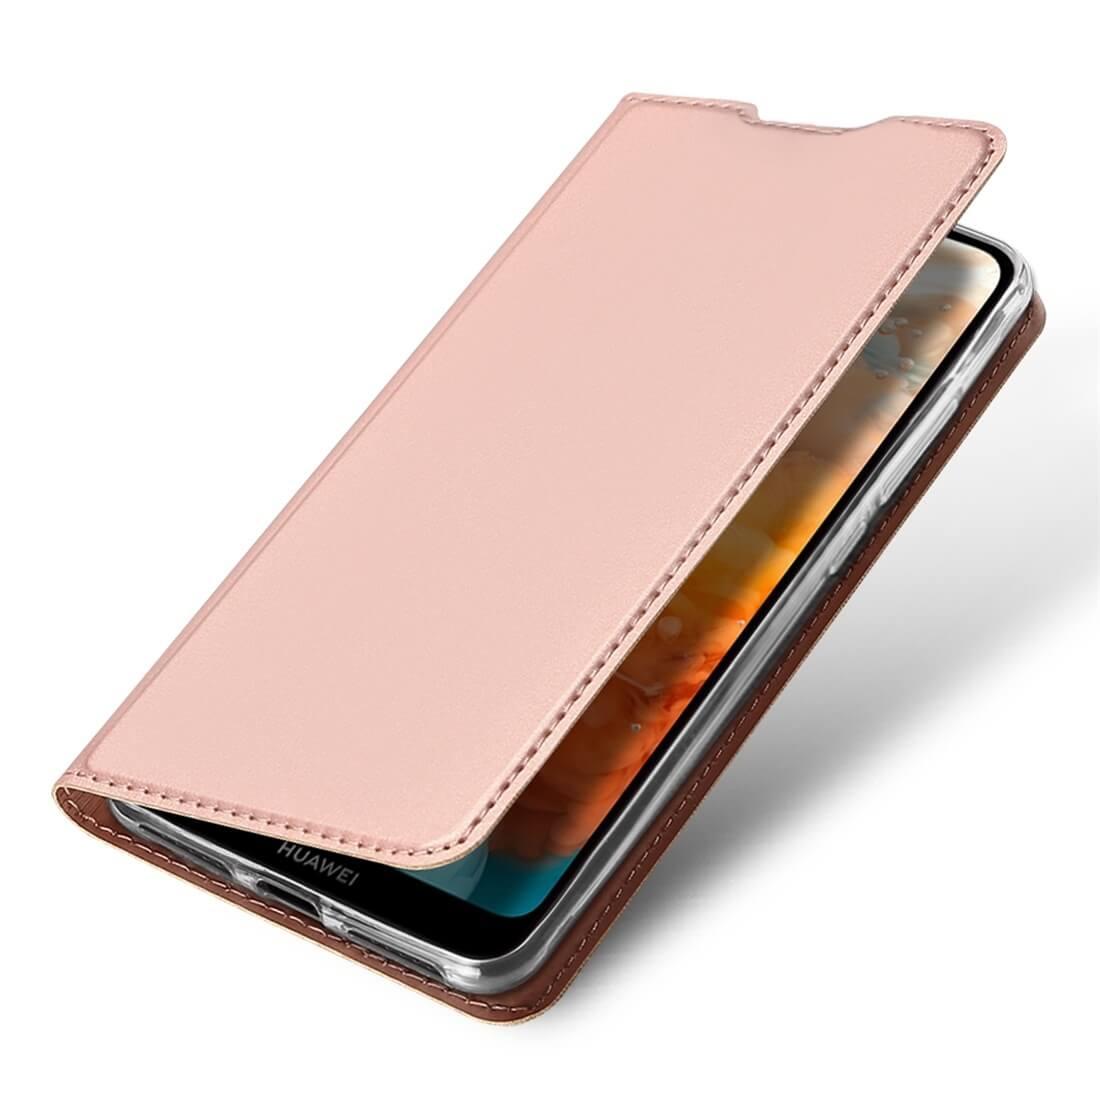 DUX Peňaženkový obal Huawei Y6 2019 ružový